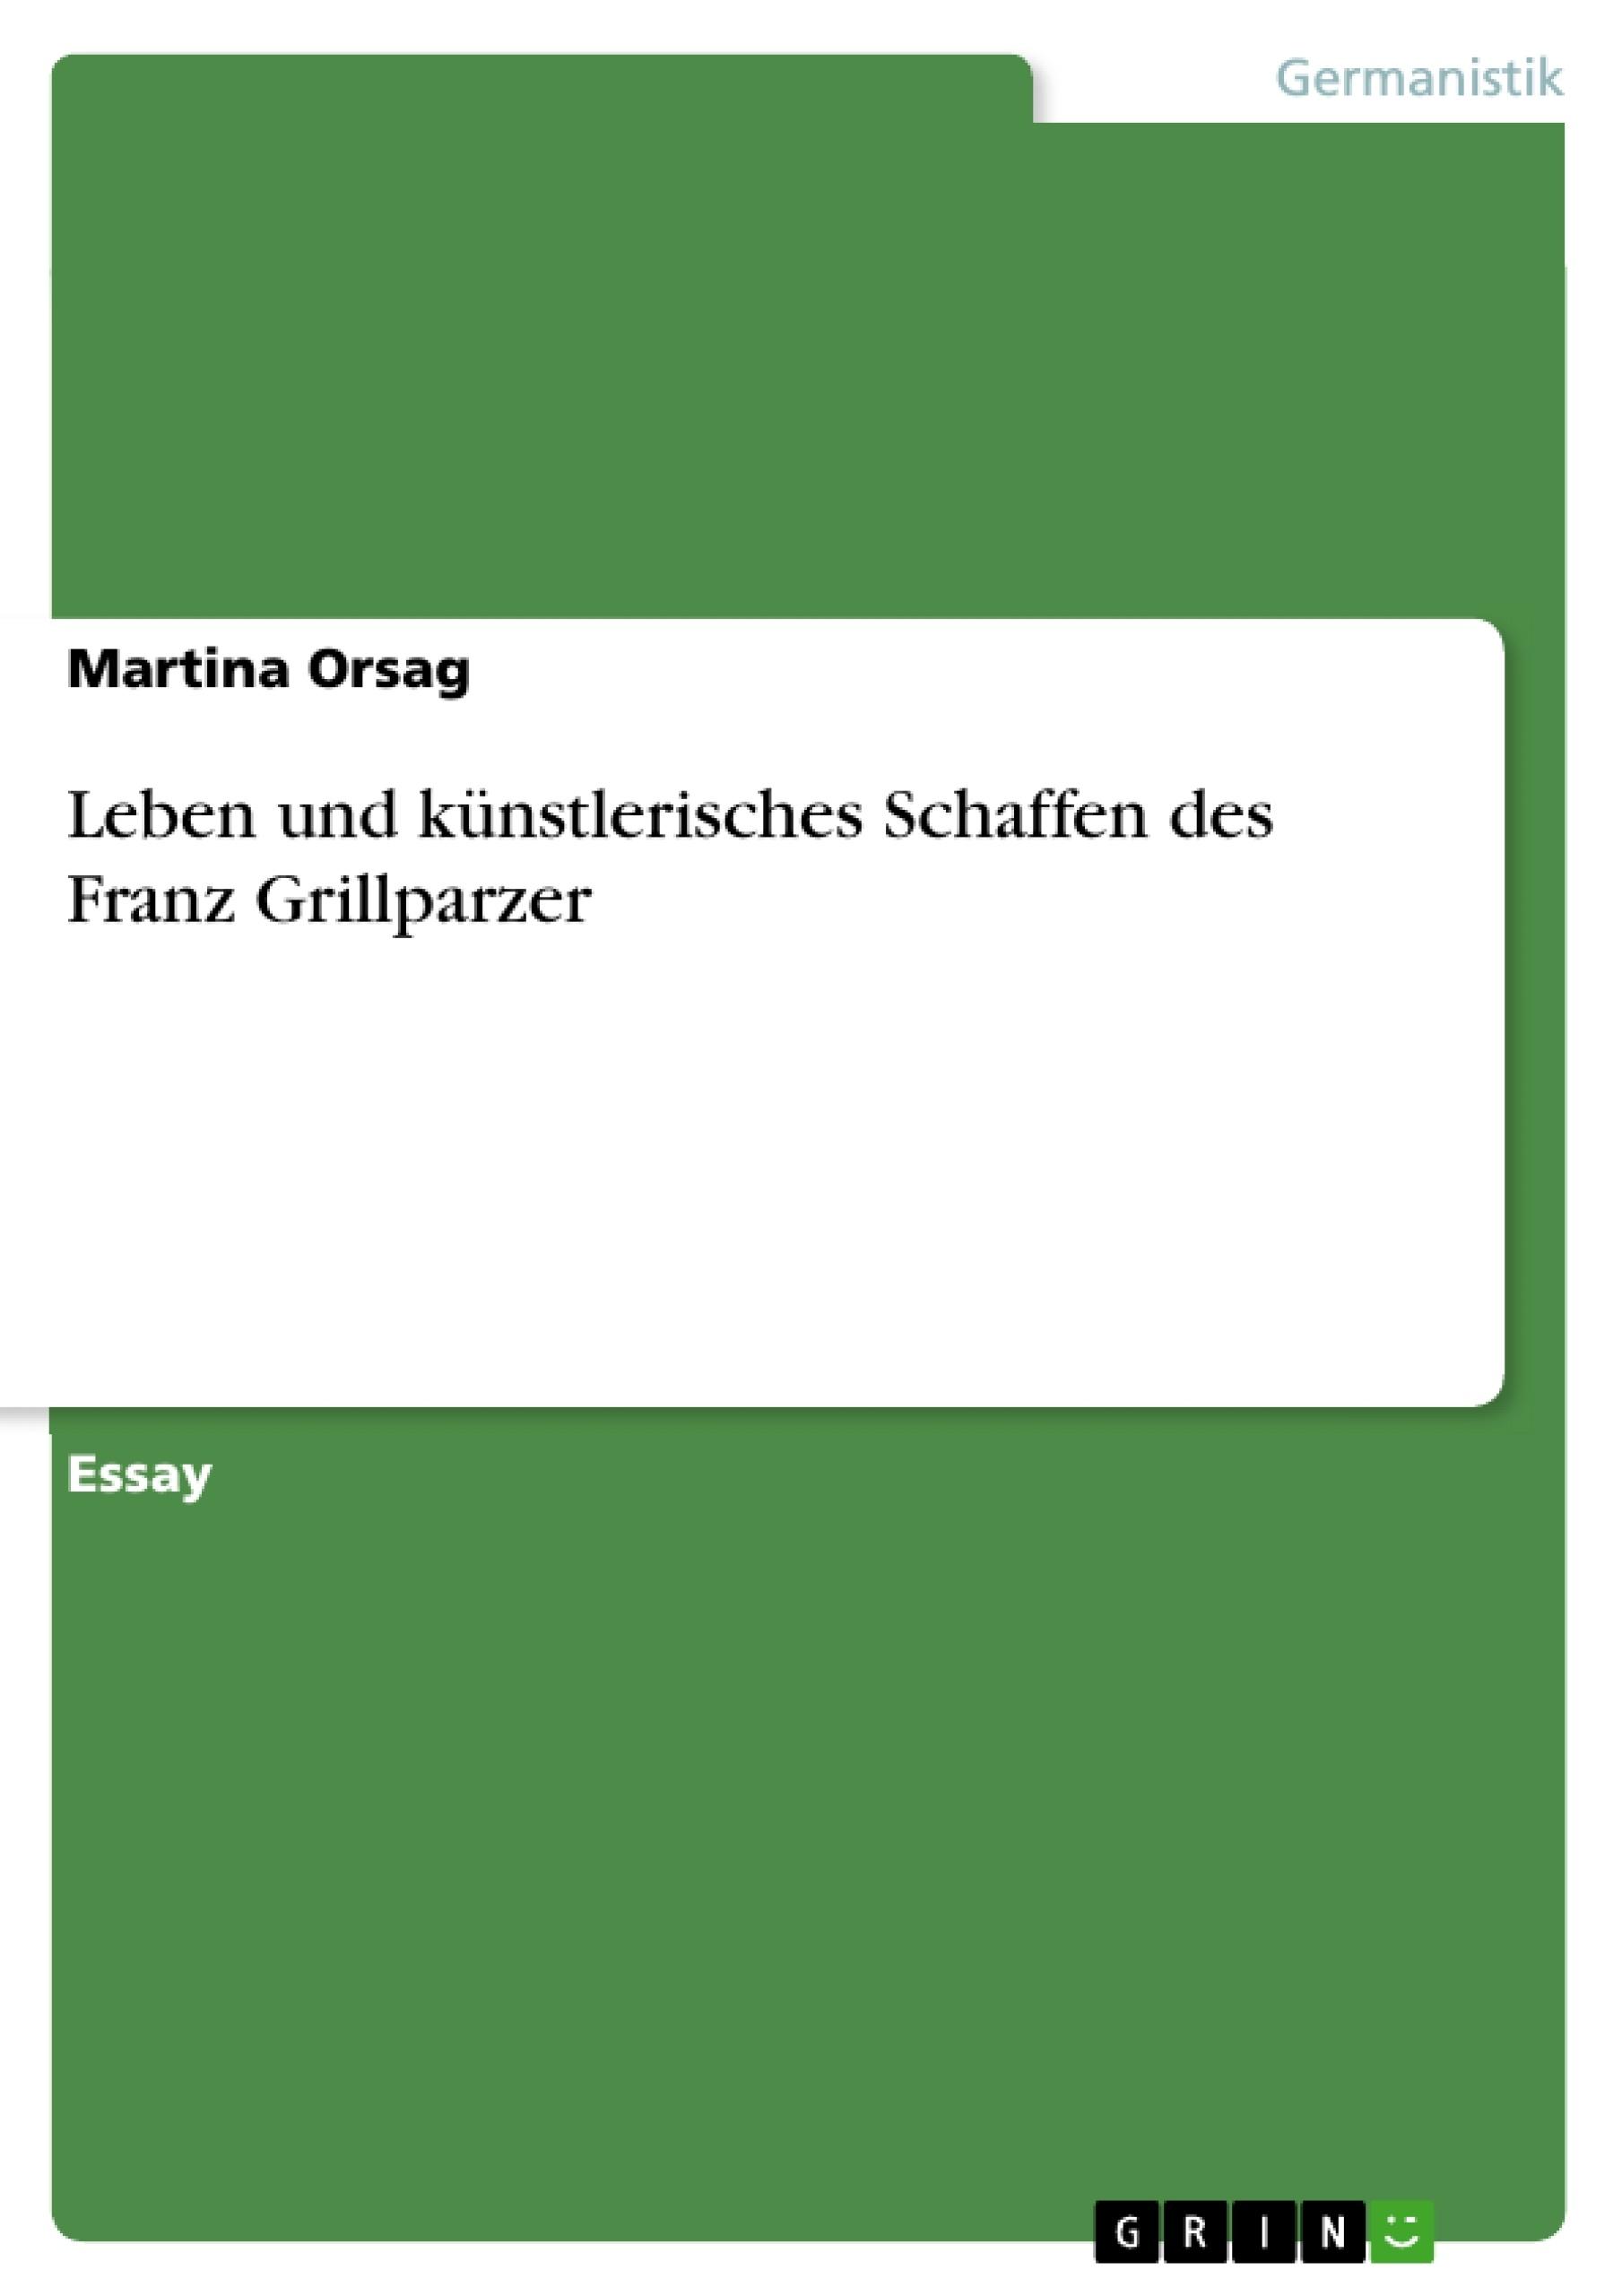 Titel: Leben und künstlerisches Schaffen des Franz Grillparzer